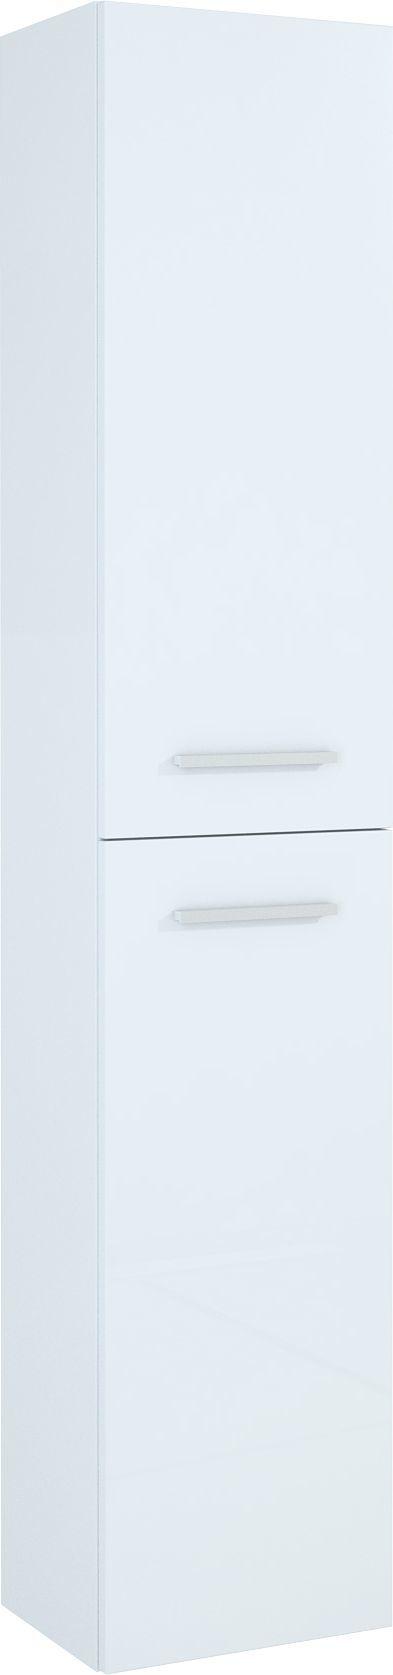 Elita Słupek Kwadro 30cm biały połysk (164590) 1